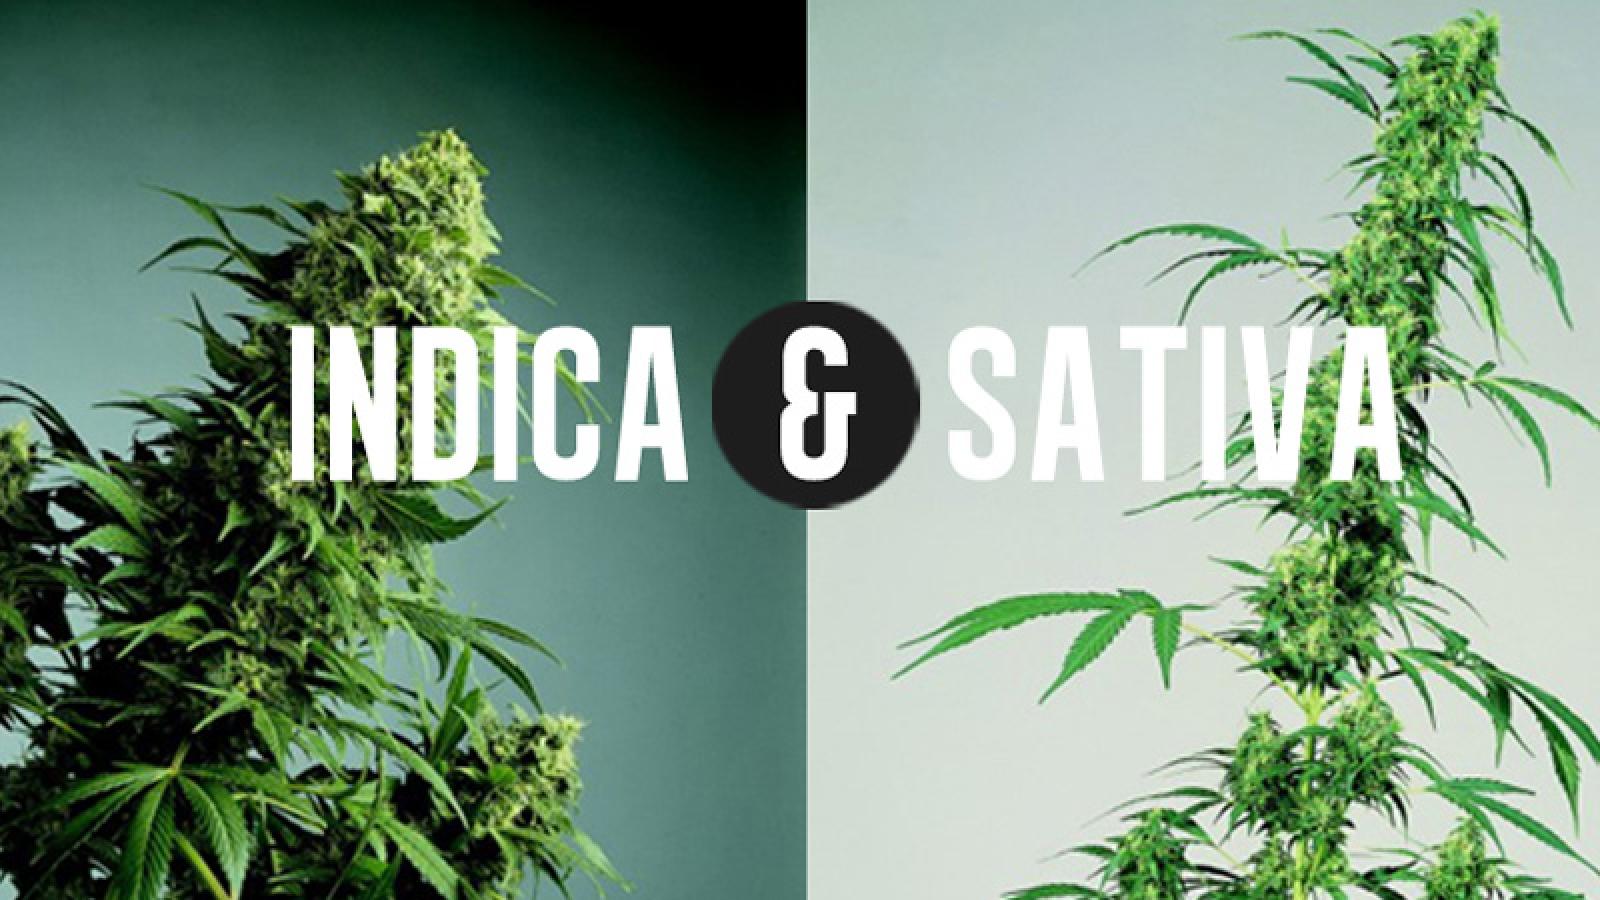 13-INDICA-VS-SATIVA-burningroaches.com_